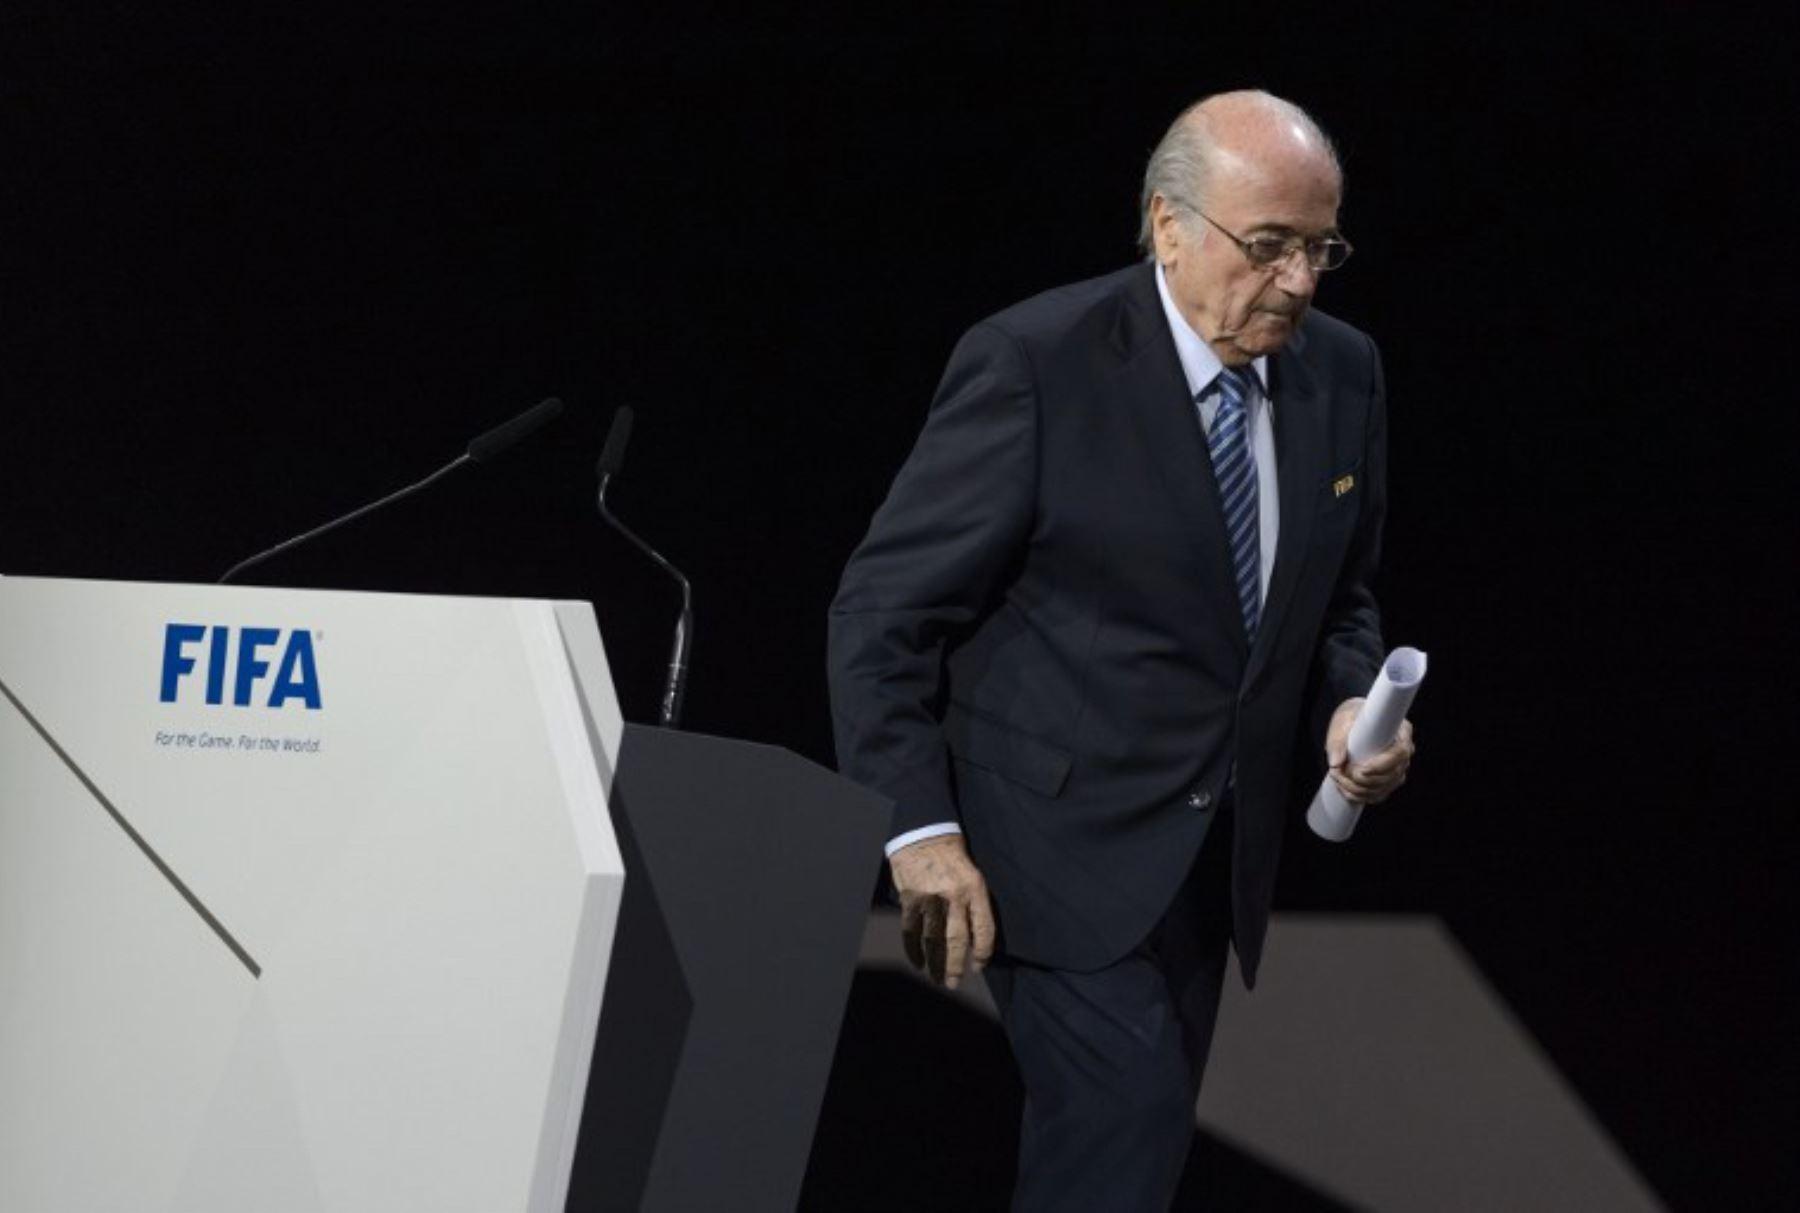 Presidente de la FIFA Joseph Blatter, en la votación por su reelección en el Hallen stadium de Zurich.Foto:AFP